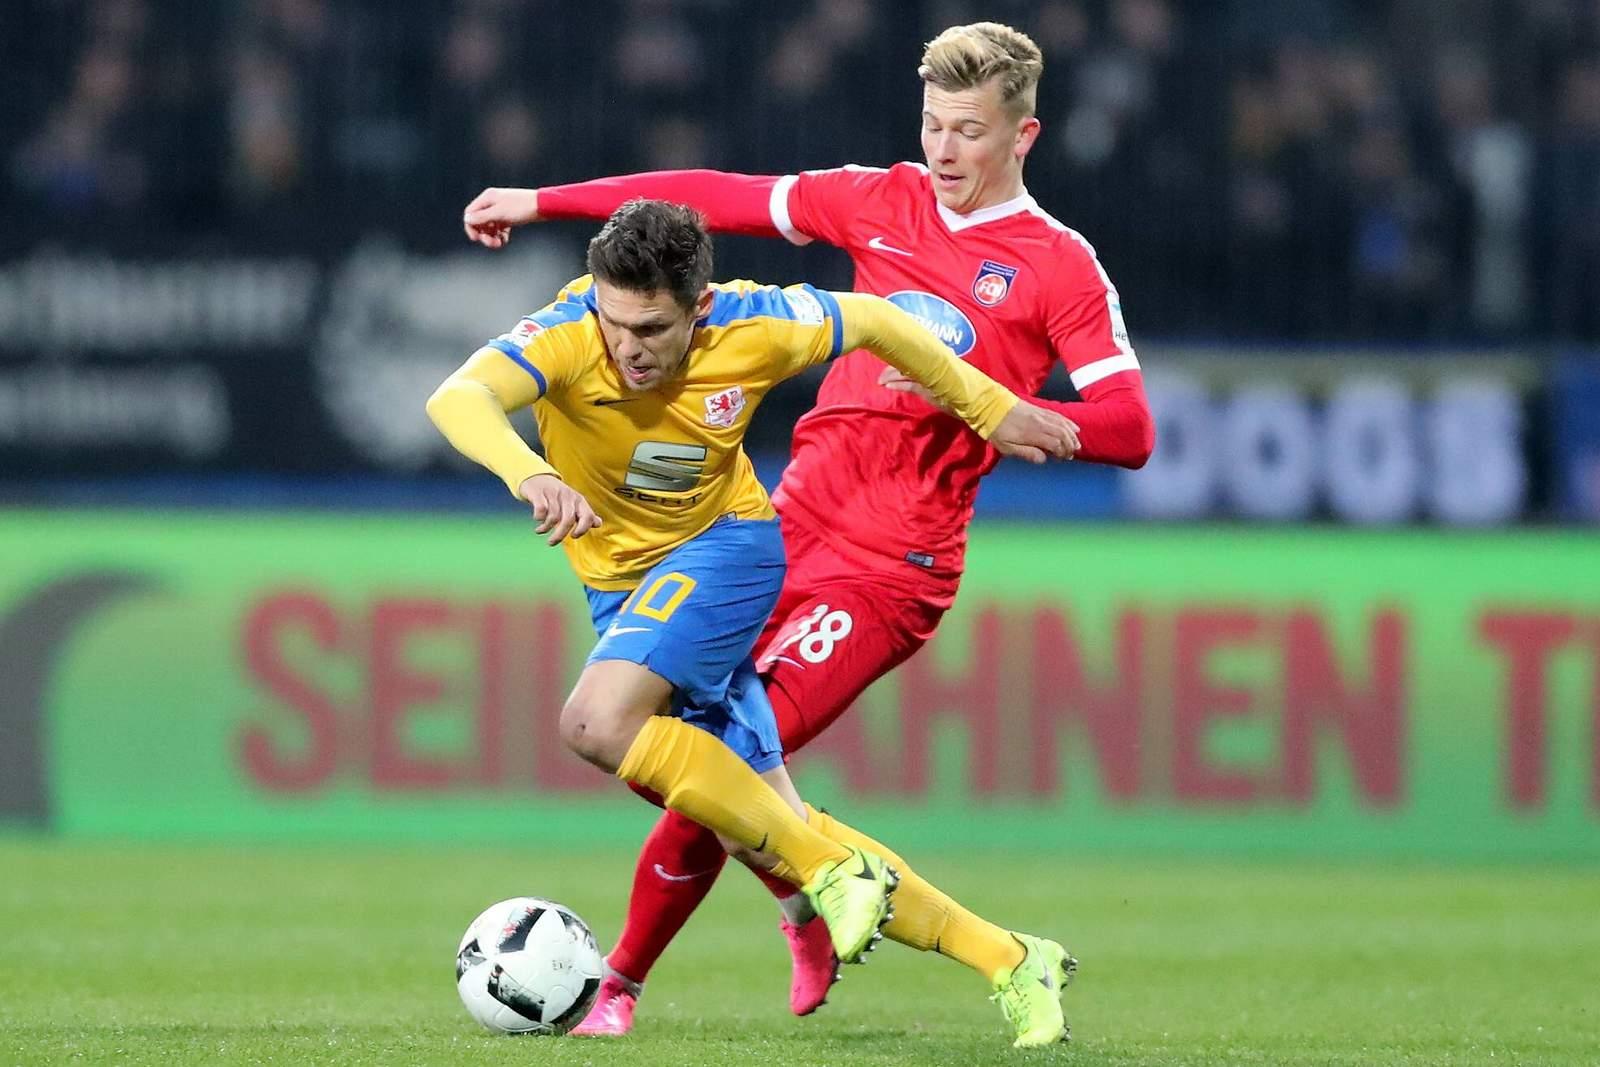 Braunschweig vor heimischem Publikum den FC Heidenheim. Wer kann sich durchsetzen? Jetzt auf das Spiel wetten